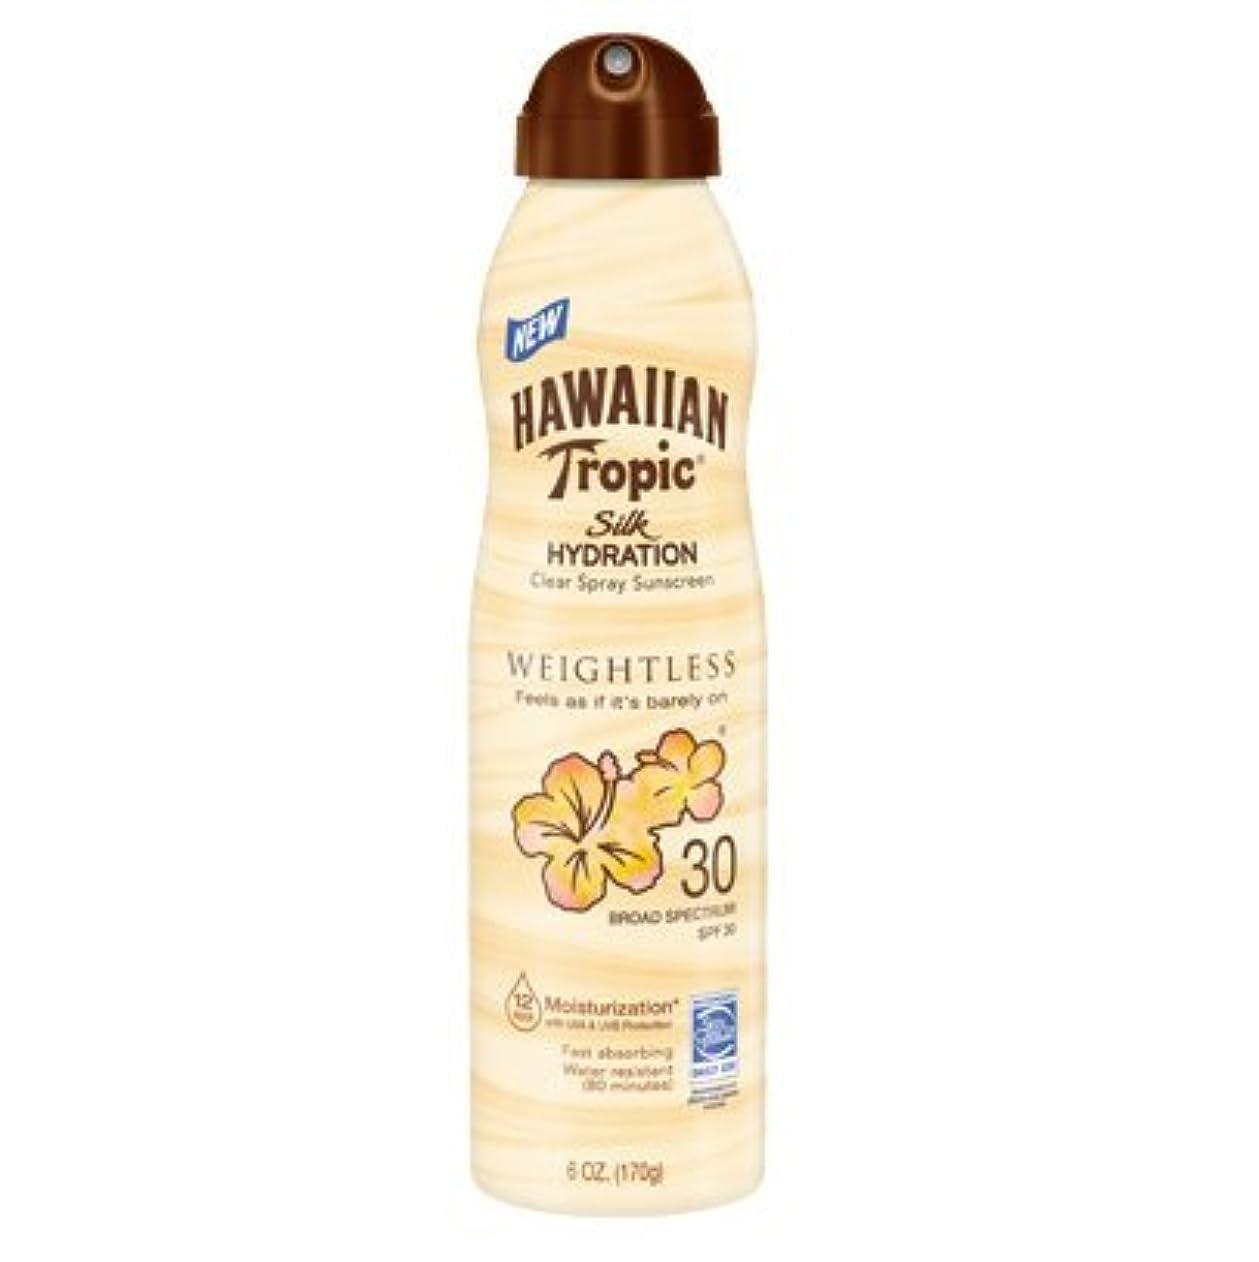 思い出させる拍車チャーター【海外直送】ハワイアントロピック 12時間持続 日焼け止めミスト SPF30 (177ml) Hawaiian Tropic Silk Hydration Clear Mist Spray Sunscreen SPF 30...